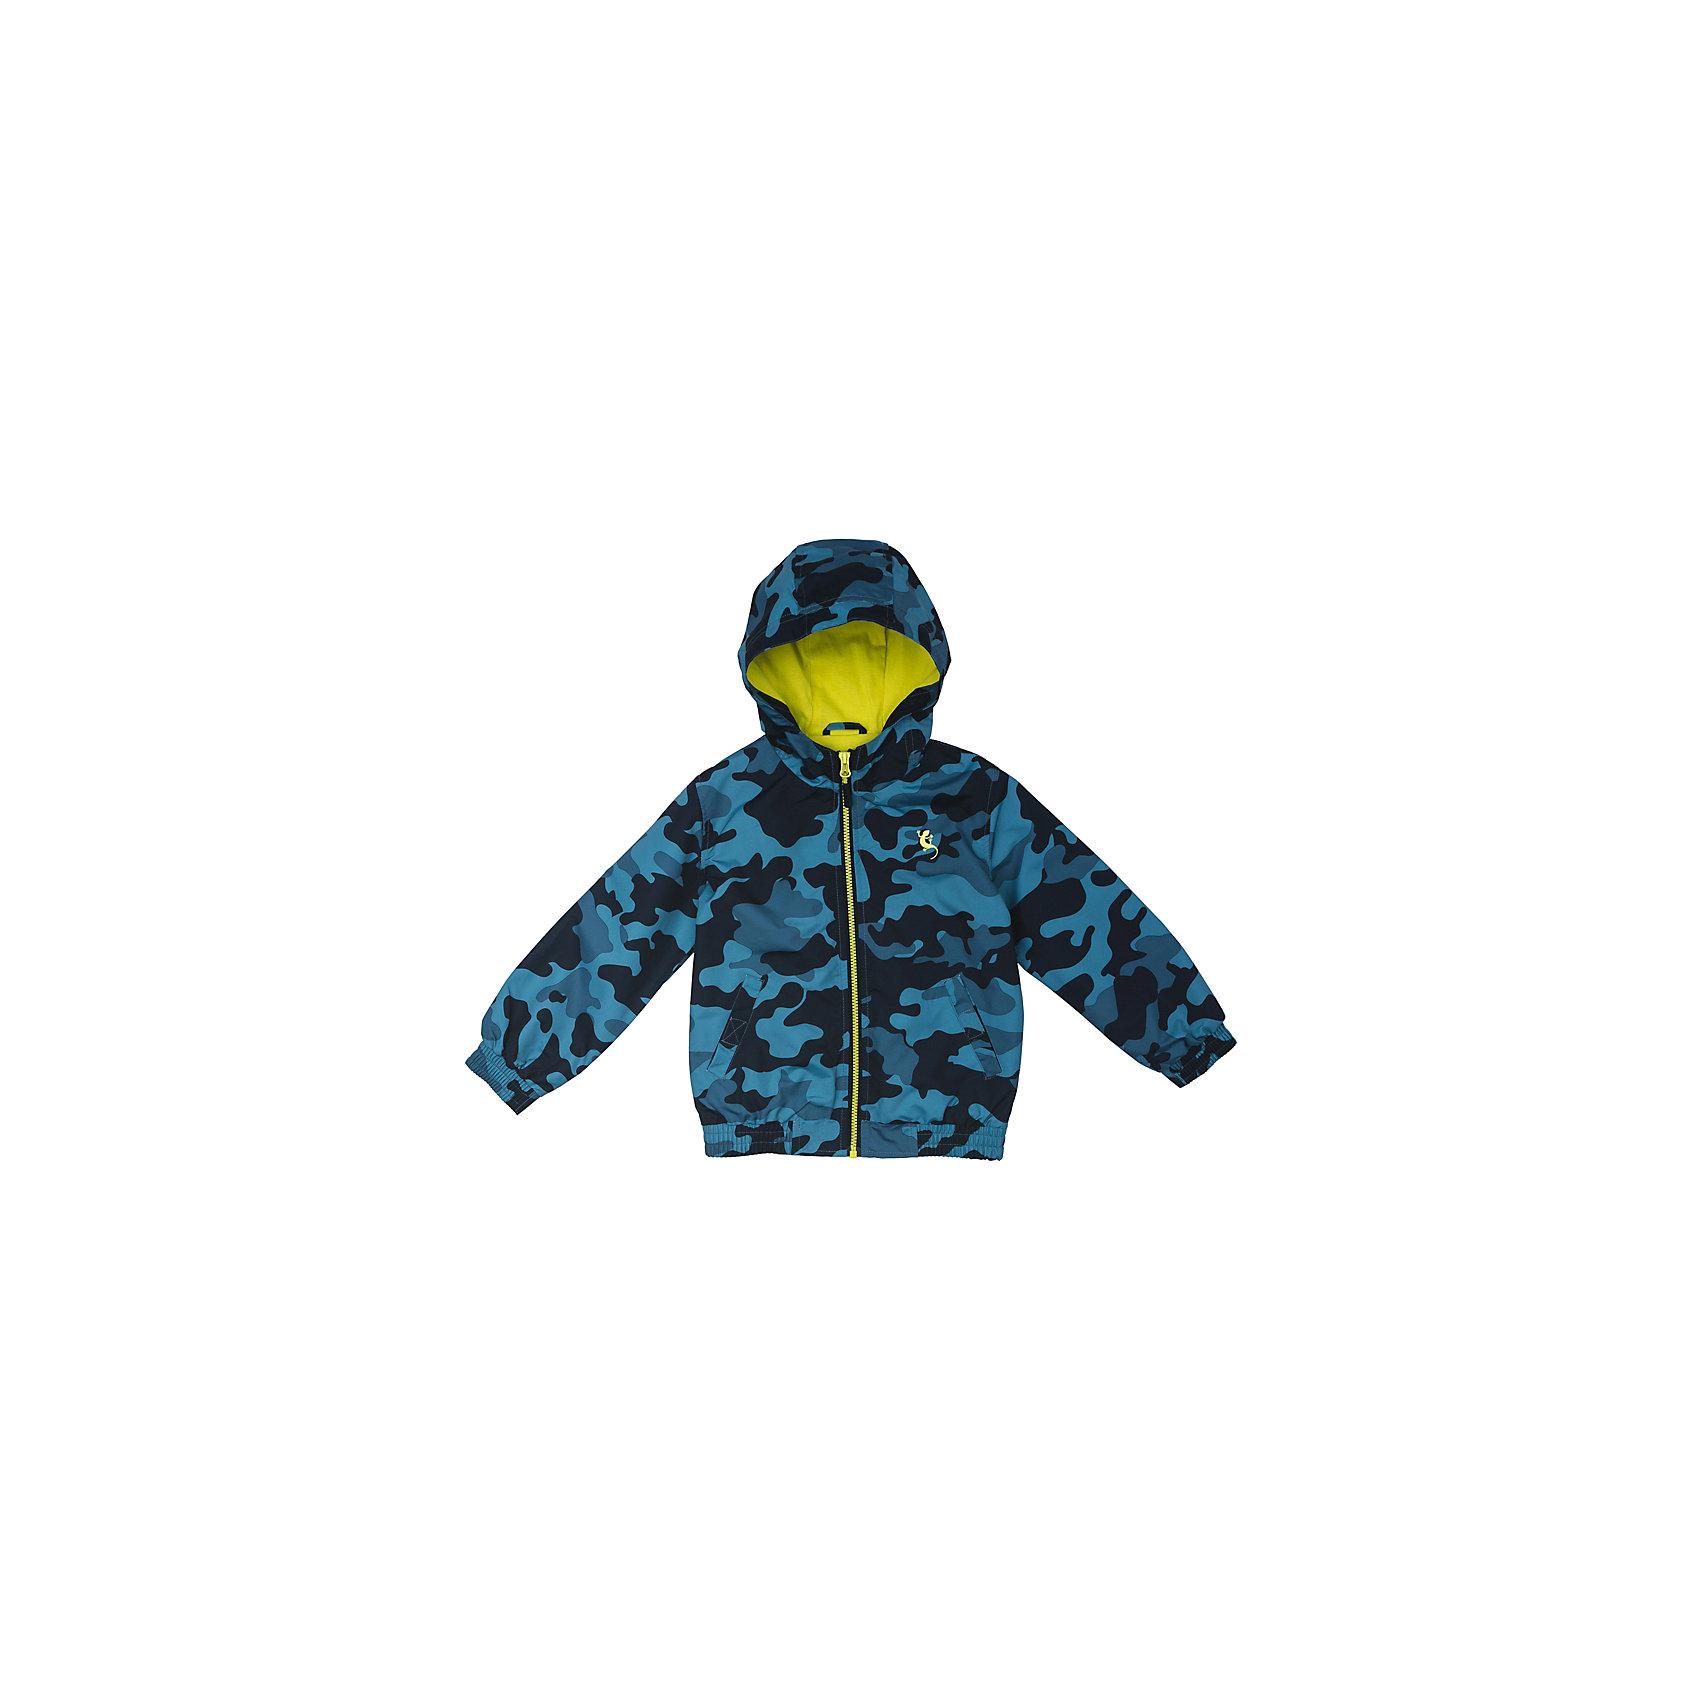 Куртка для мальчика PlayTodayВерхняя одежда<br>Куртка для мальчика PlayToday<br>Практичная куртка расцветки камуфляж со специальной водоотталкивающей пропиткой защитит Вашего ребенка в любую погоду! Мягкие  резинки на рукавах и по низу изделия защитят Вашего ребенка - ветер не сможет проникнуть под куртку.  Модель с резинкой на капюшоне - даже во время активных игр капюшон не упадет с головы ребенка. Светоотражатели на рукаве и по низу изделия - один из гарантов безопасности, ребенок будет виден в темное время суток.Преимущества: Водоооталкивающая тканьМодель с резинкой на капюшоне.Светоотражатели на рукаве и по низу изделия.<br>Состав:<br>Верх: 100% полиэстер, подкладка: 65% полиэстер, 35% хлопок<br><br>Ширина мм: 356<br>Глубина мм: 10<br>Высота мм: 245<br>Вес г: 519<br>Цвет: голубой<br>Возраст от месяцев: 84<br>Возраст до месяцев: 96<br>Пол: Мужской<br>Возраст: Детский<br>Размер: 128,98,104,110,116,122<br>SKU: 5403186